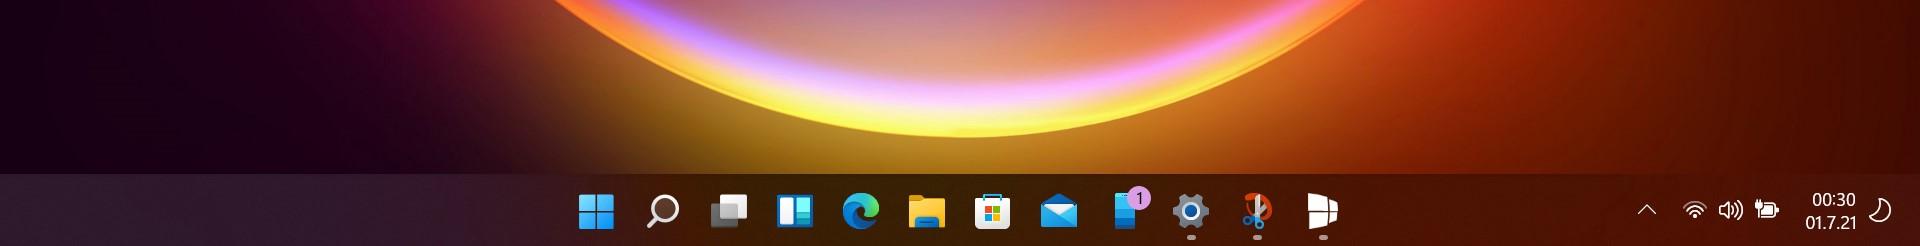 Windows 11 Build 22000.51 - Barra delle applicazioni